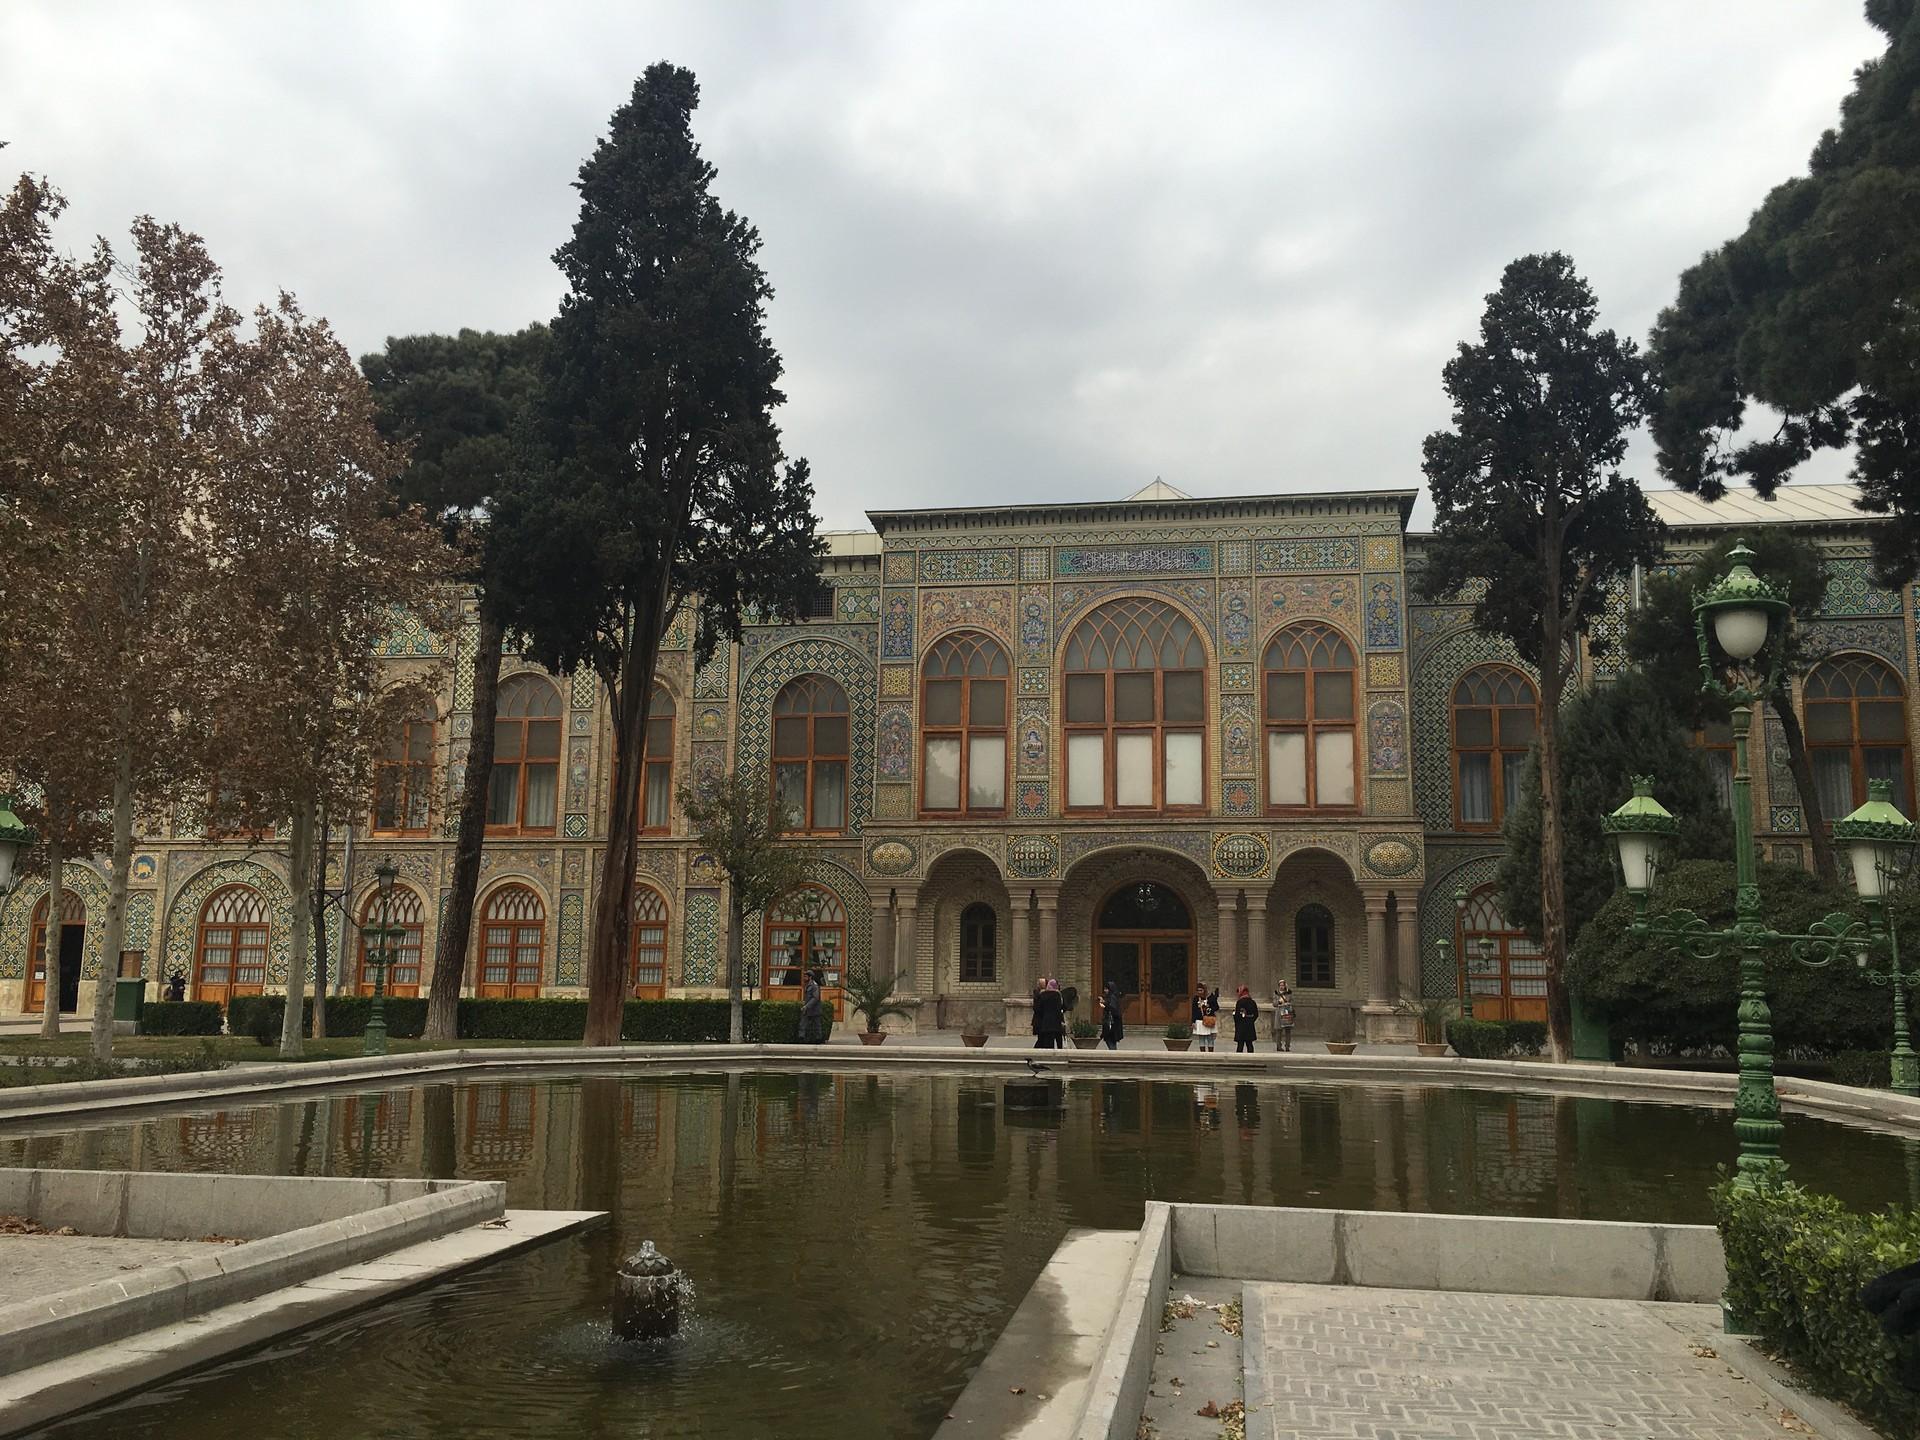 golestan-palace-complex-pt-1-a349d4cb3cc